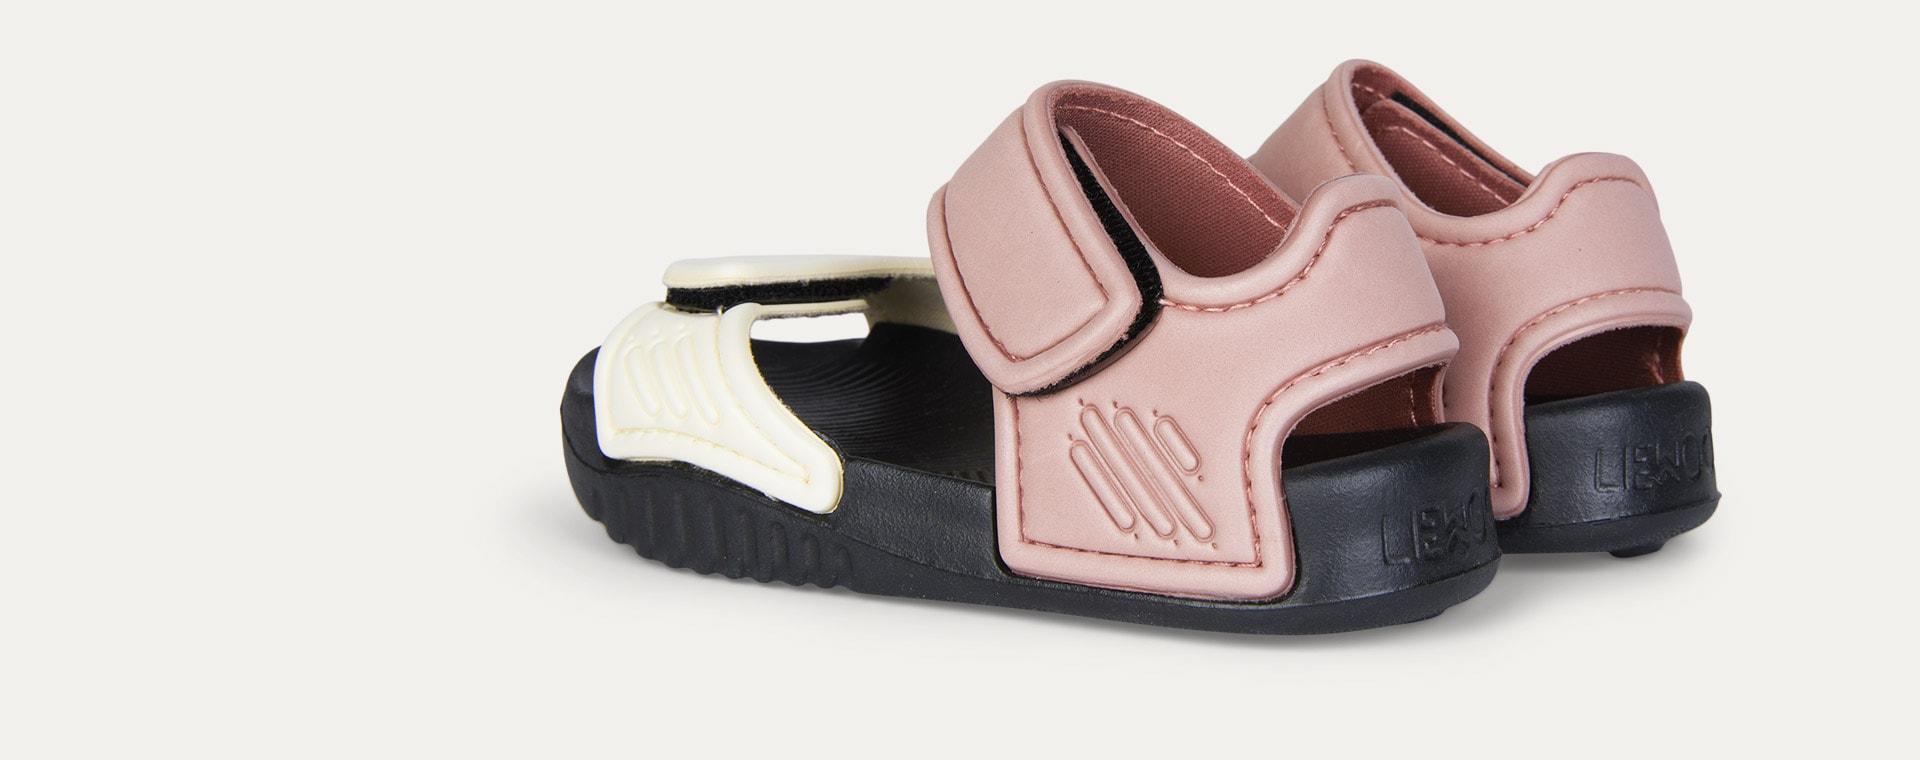 Dark Rose/Black Mix Liewood Blumer Sandals